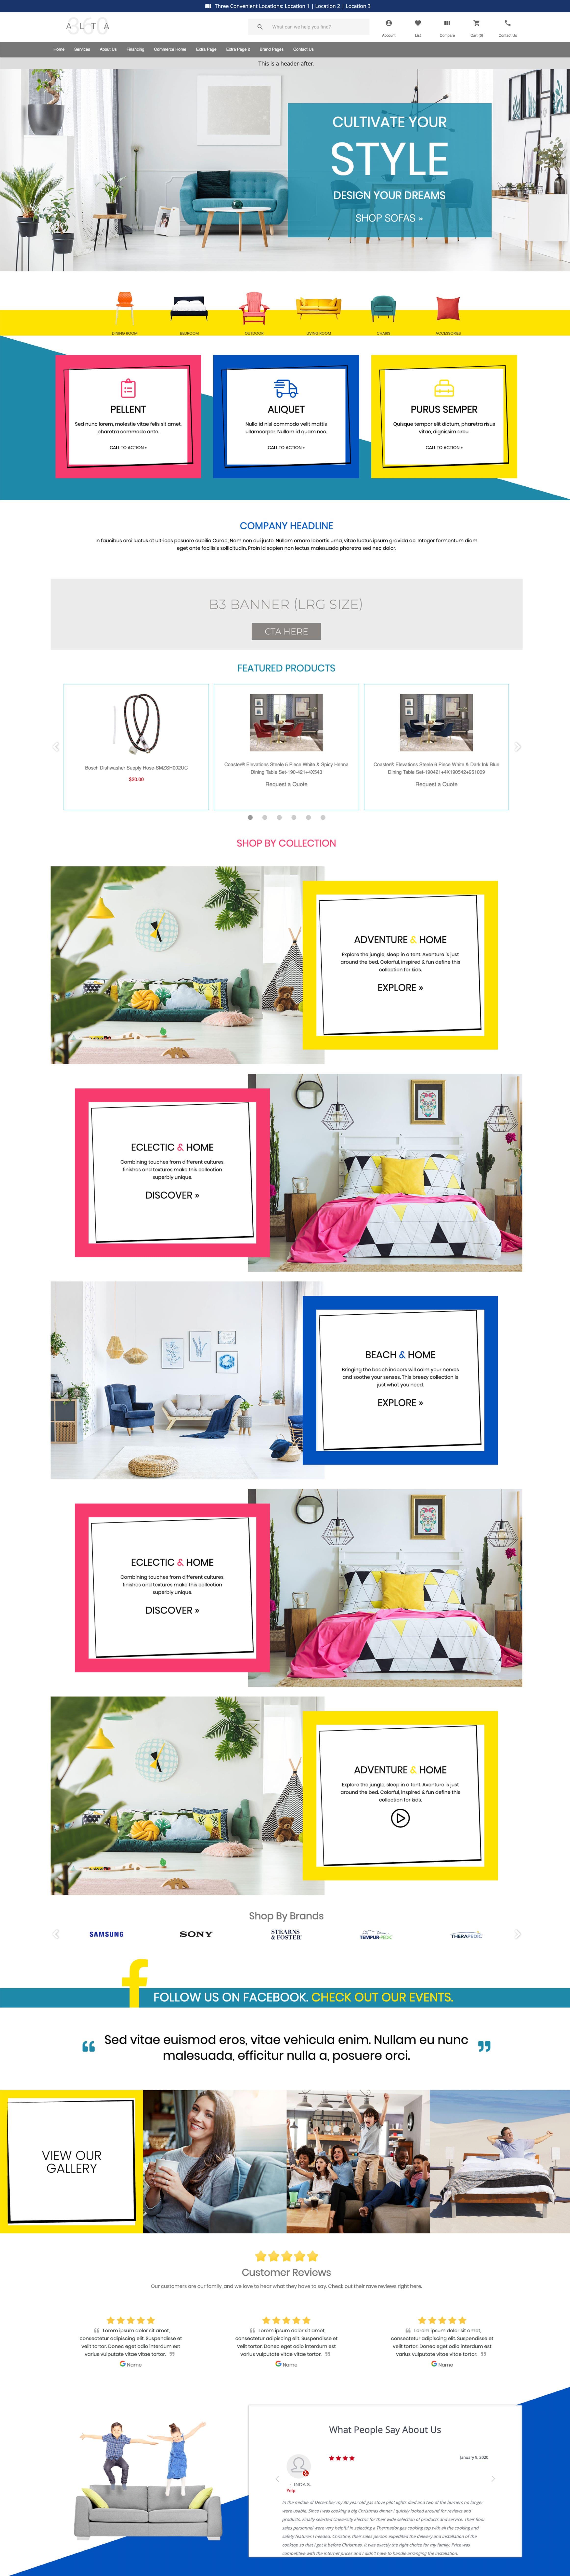 Website Themes - Alta 360 - Vibrance